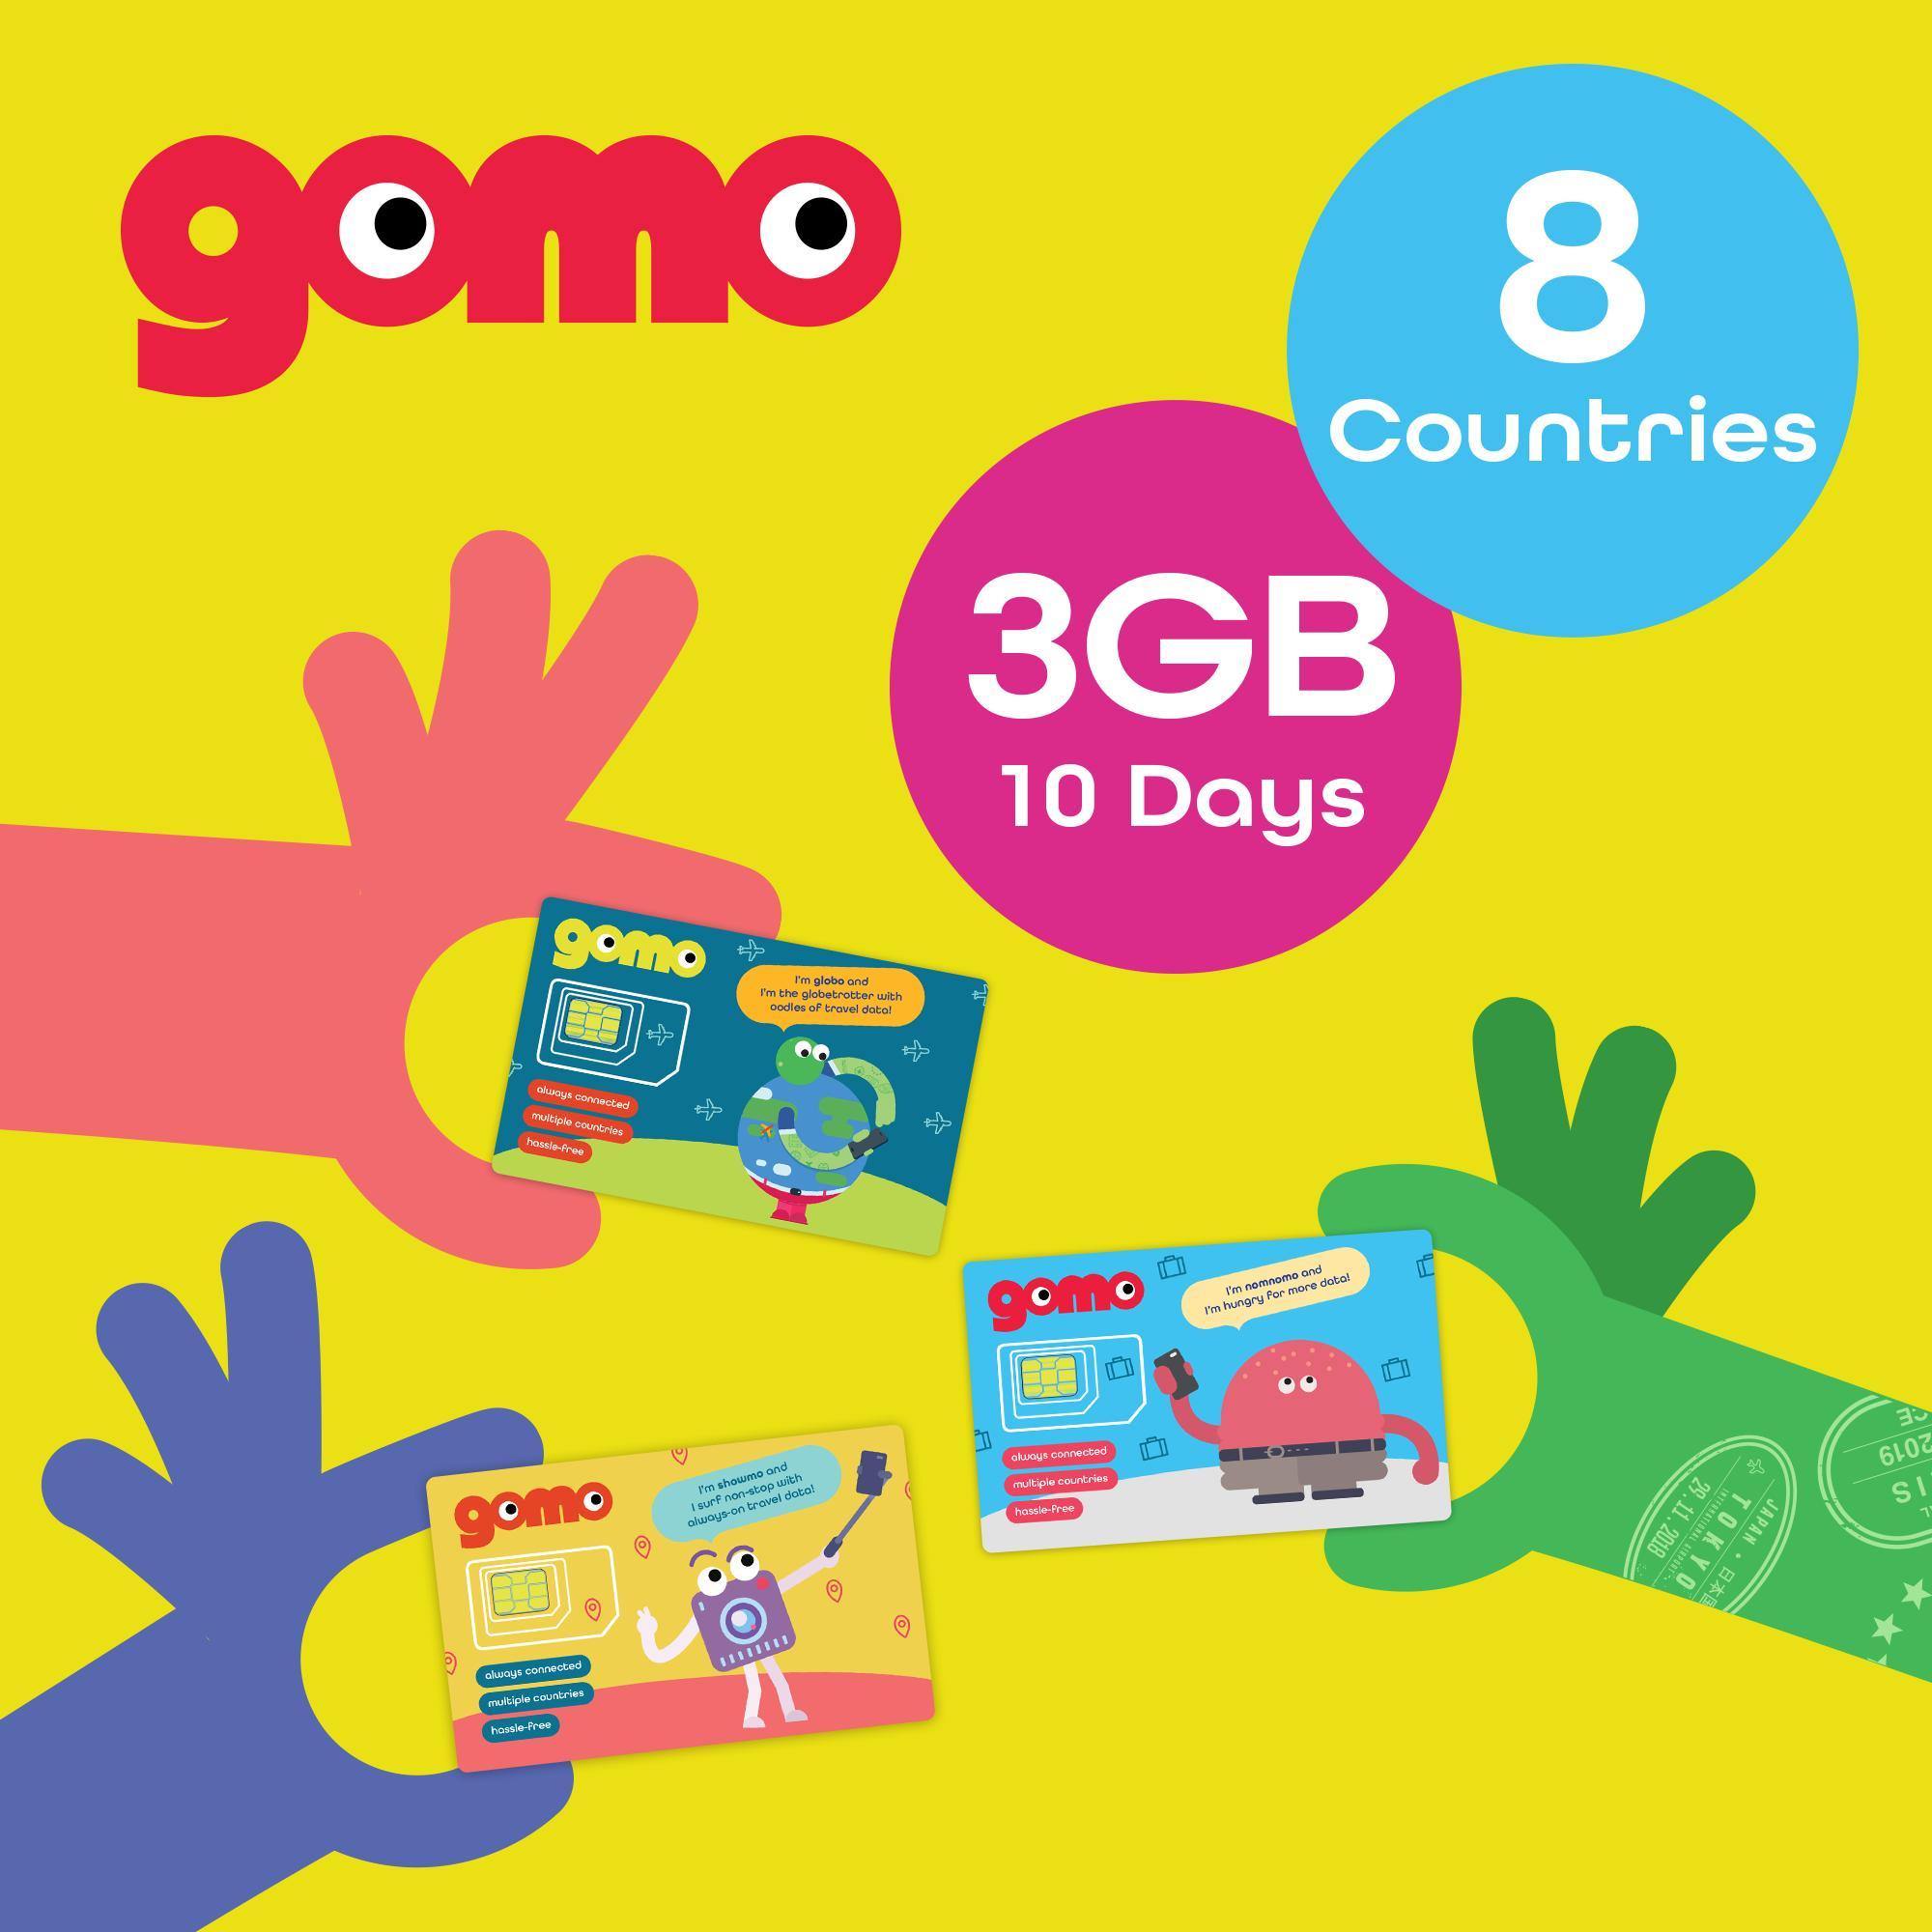 Gomo 4g Travel Sim 3gb/10 Days Aust/msia/thailand/philippines/tw/hk/macau/indo By Npn.